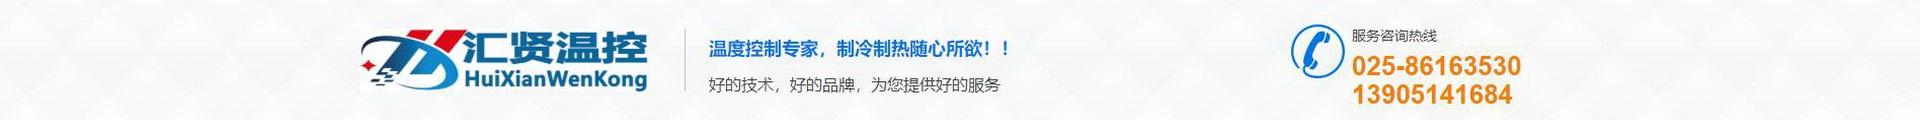 南京汇贤温控设备有限公司